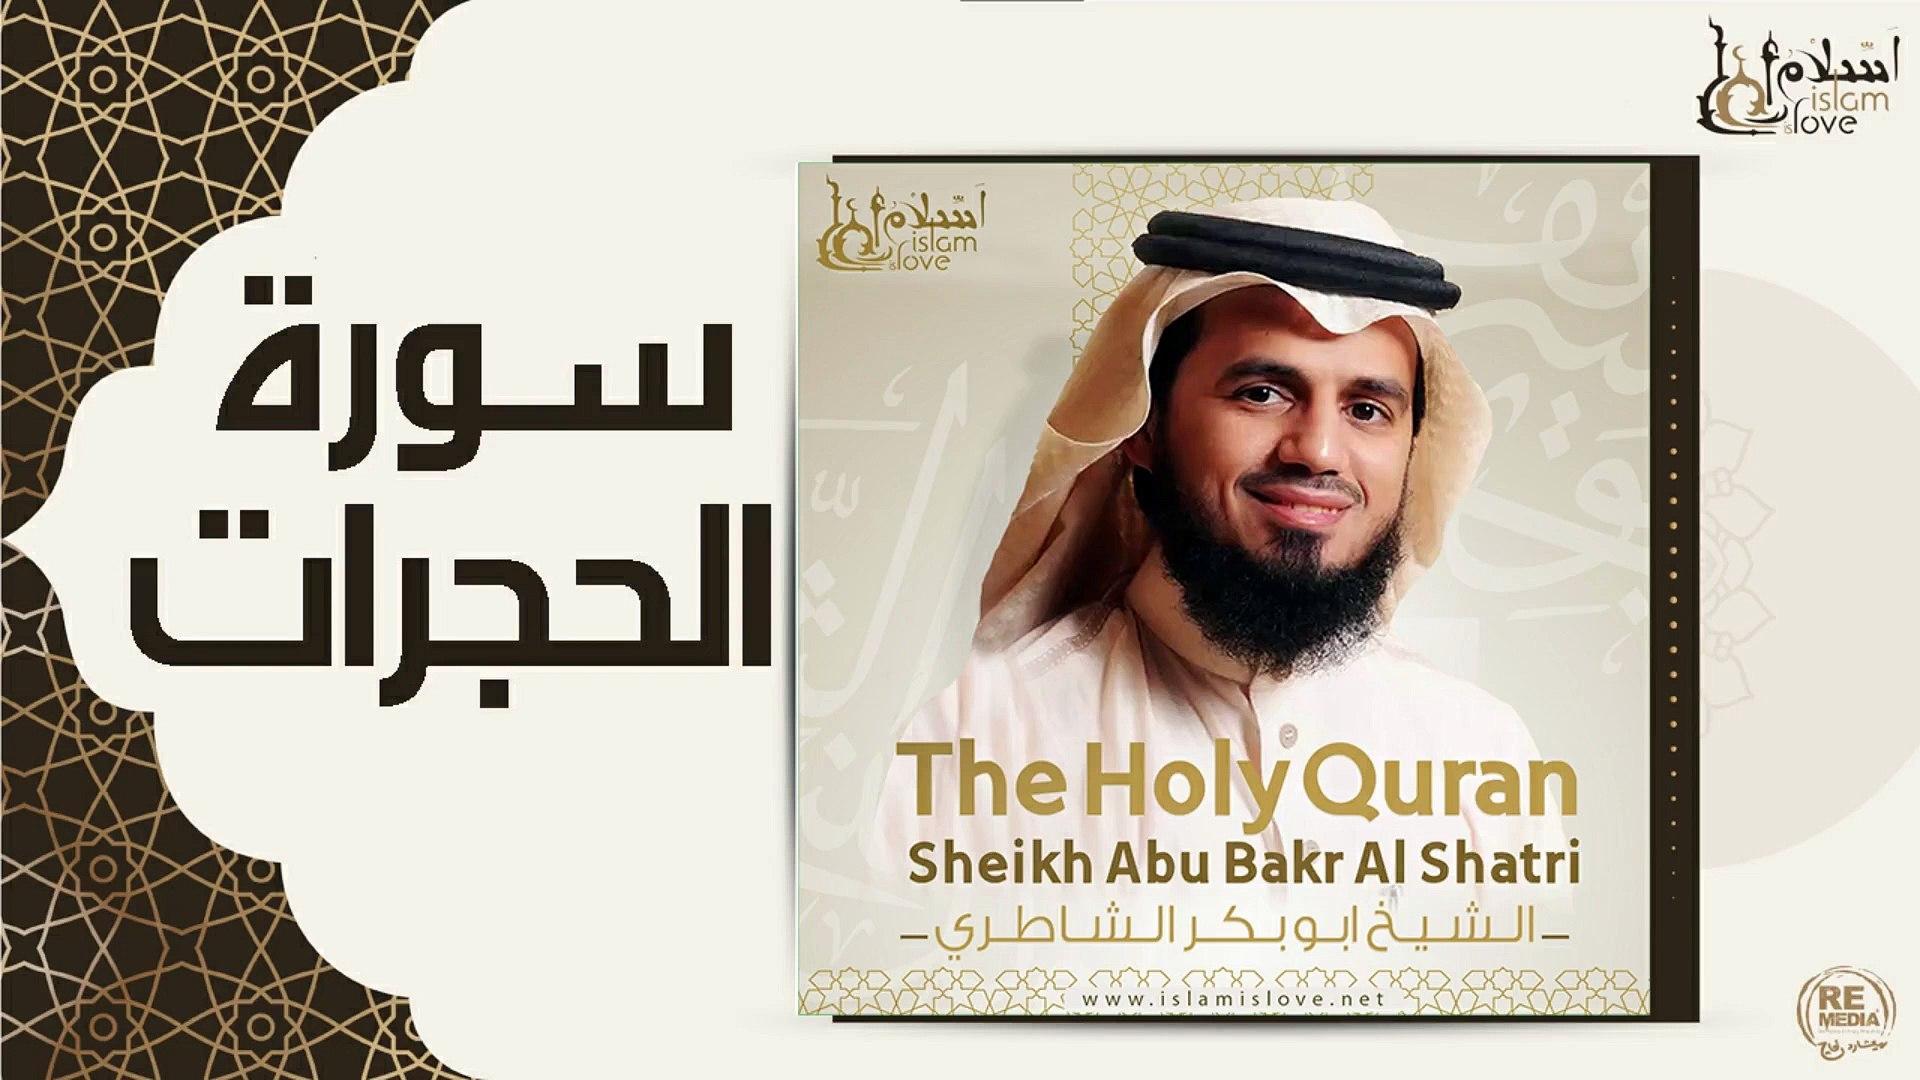 الشيخ ابو بكر الشاطري - الحجرات